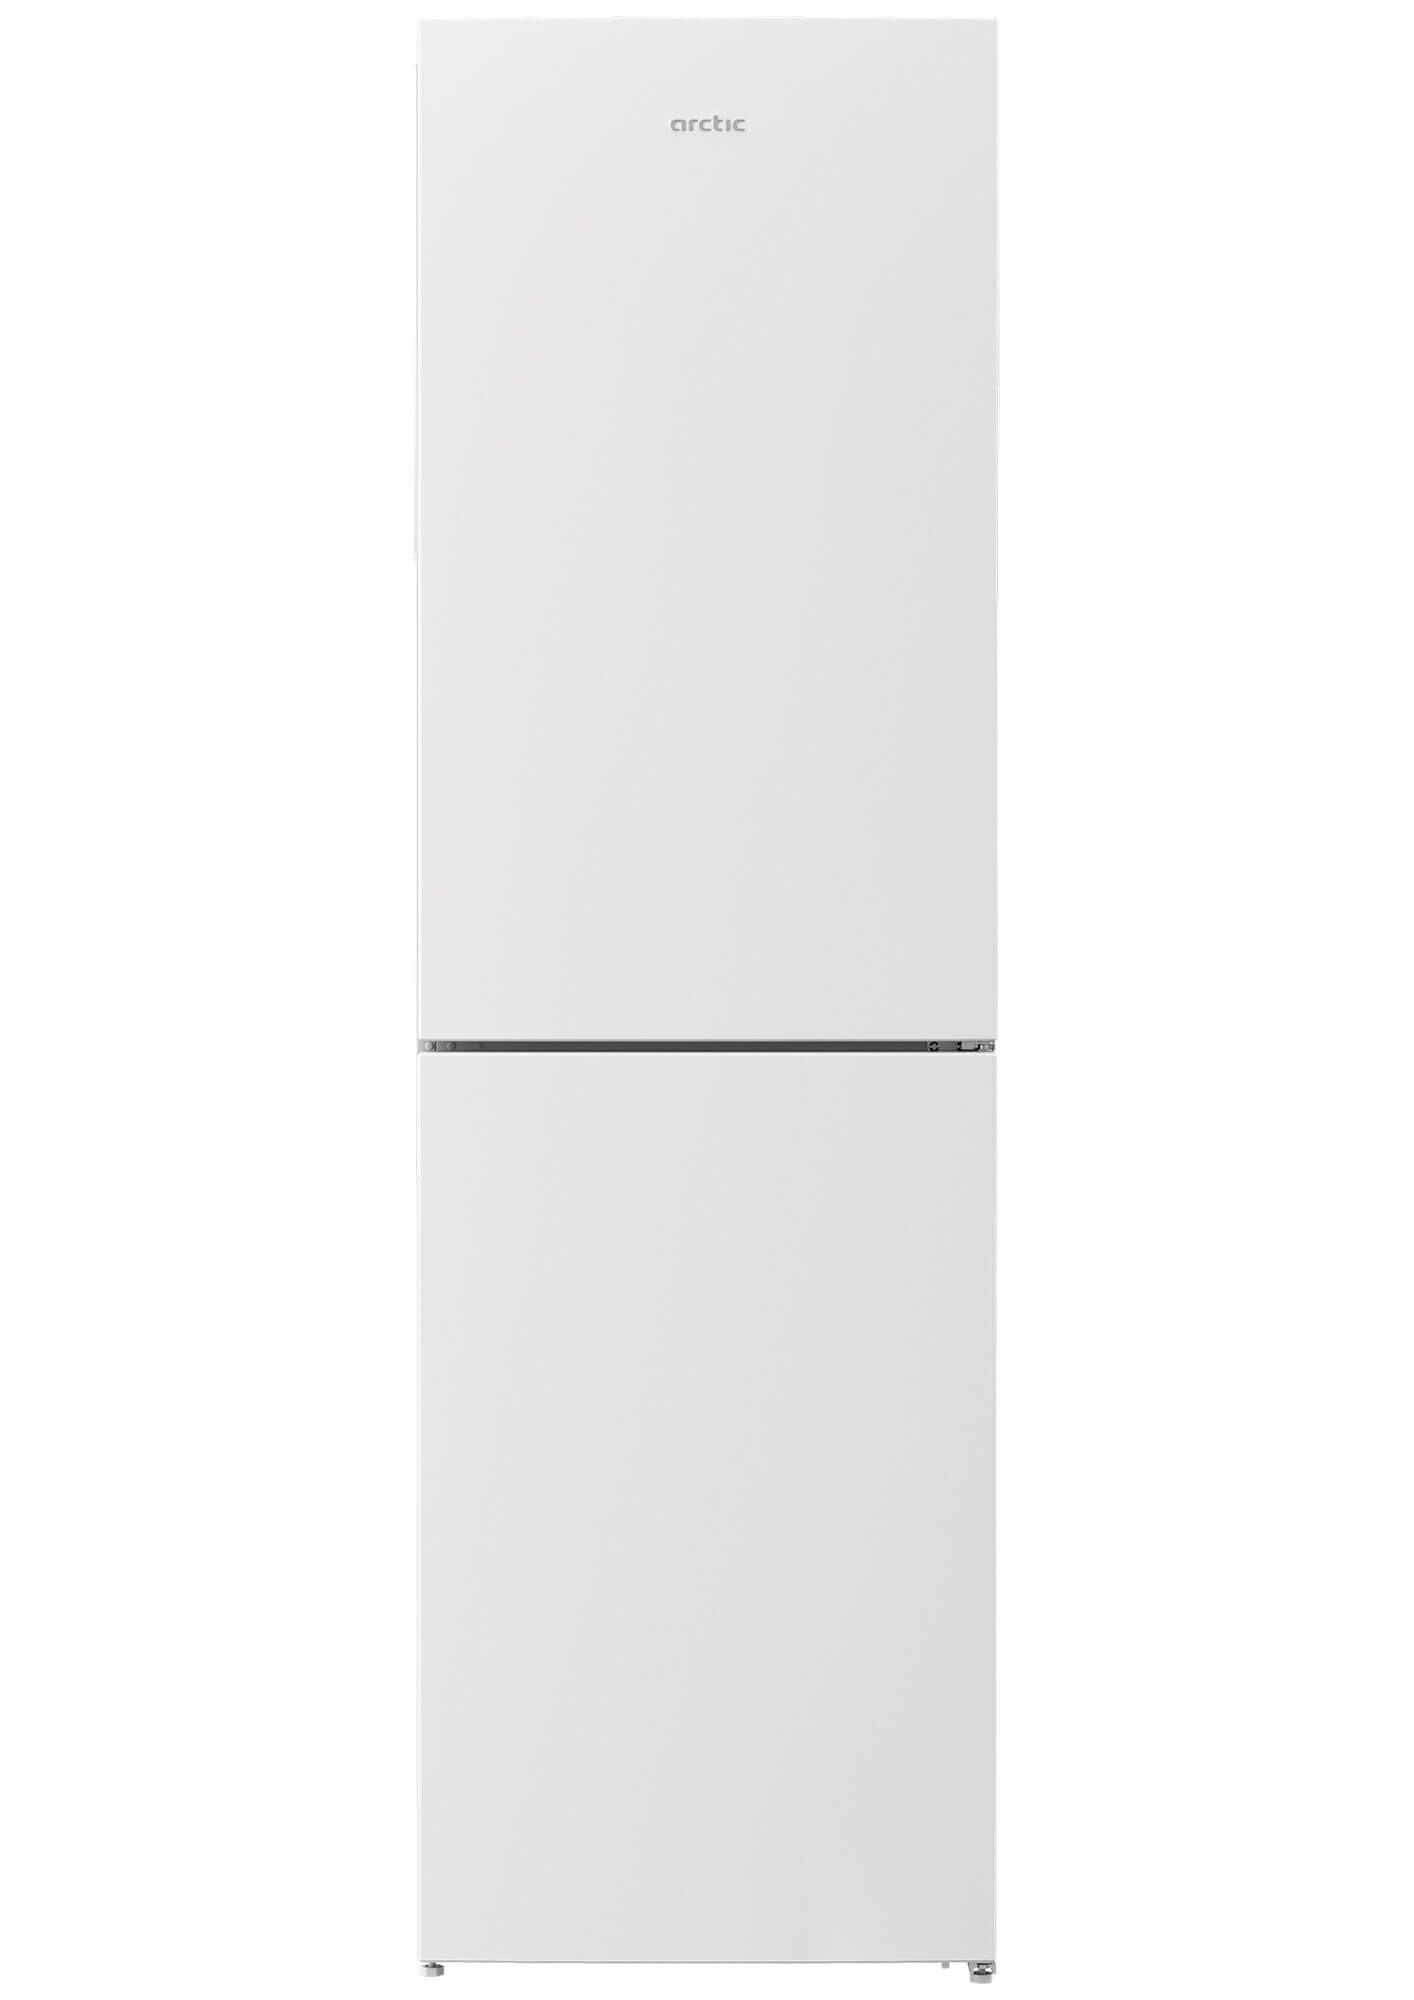 Combina frigorifica, Arctic, AK60350-4+, 350 l, Clasa A+, H 201 cm, Alb